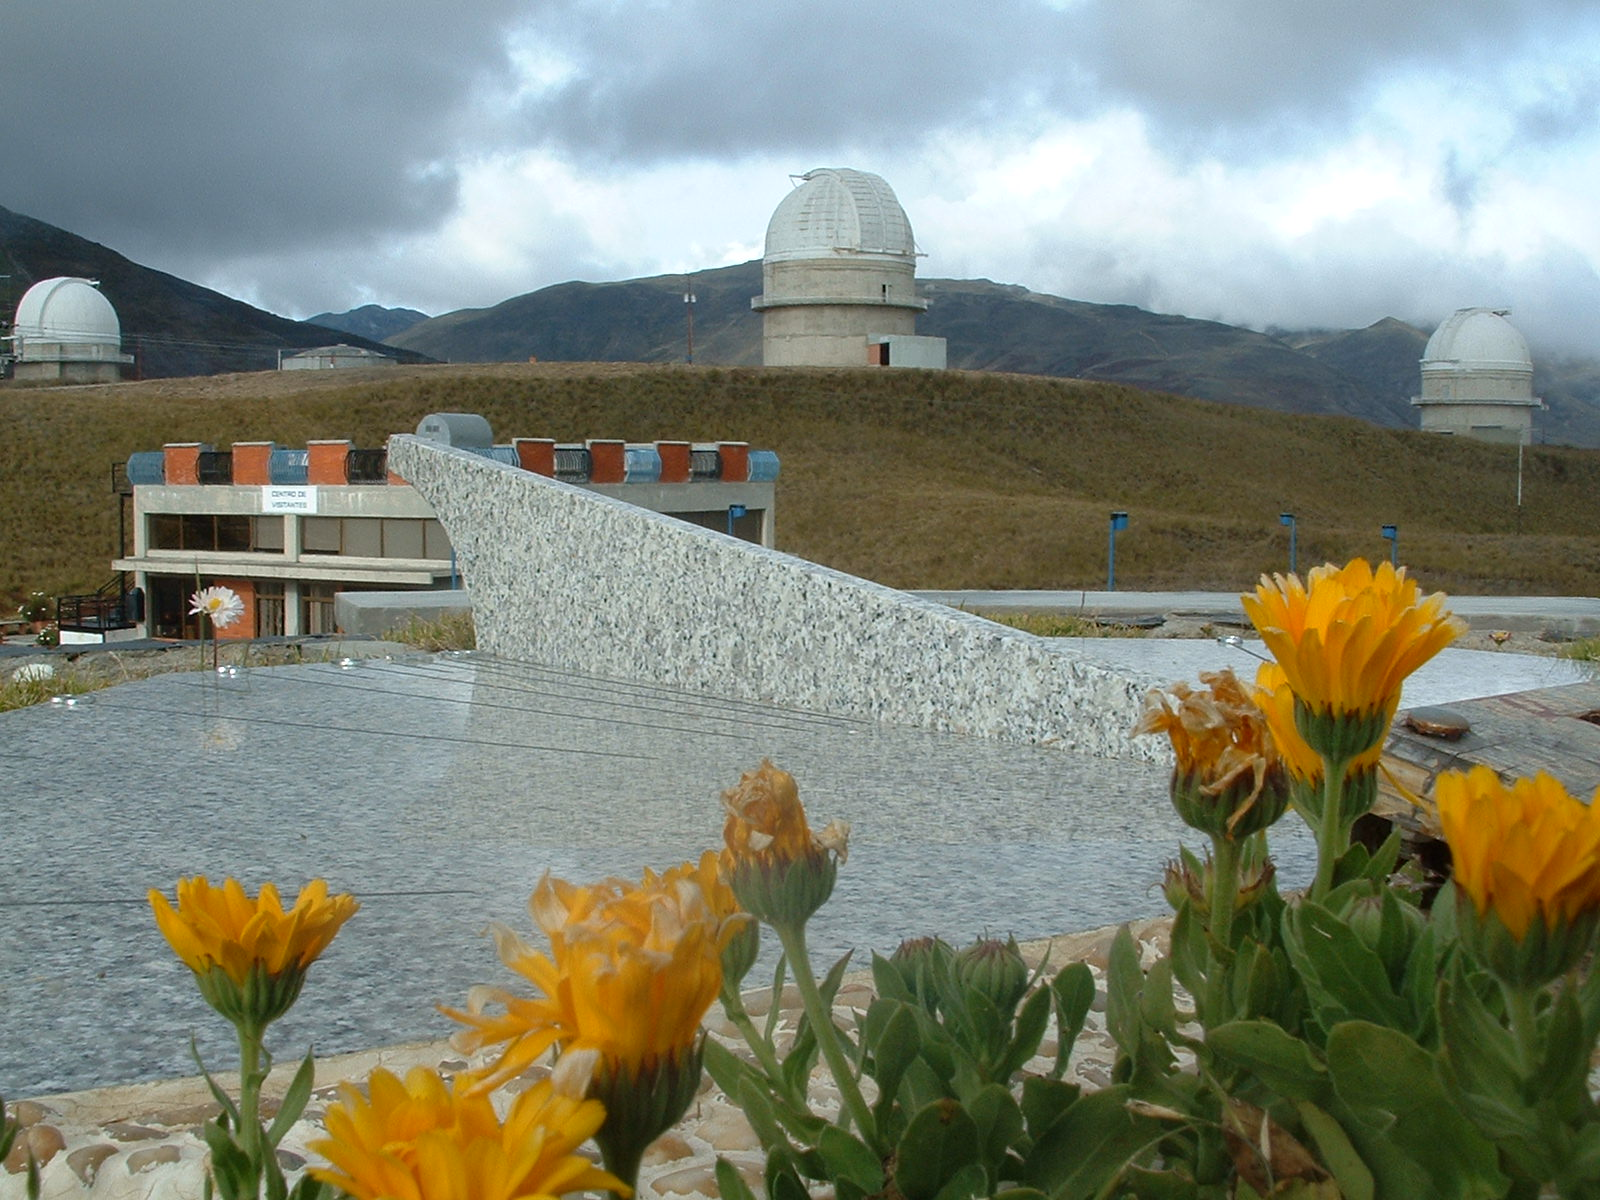 Observatorio astron mico nacional de llano del hato wikiwand - Centro nacional del vidrio ...